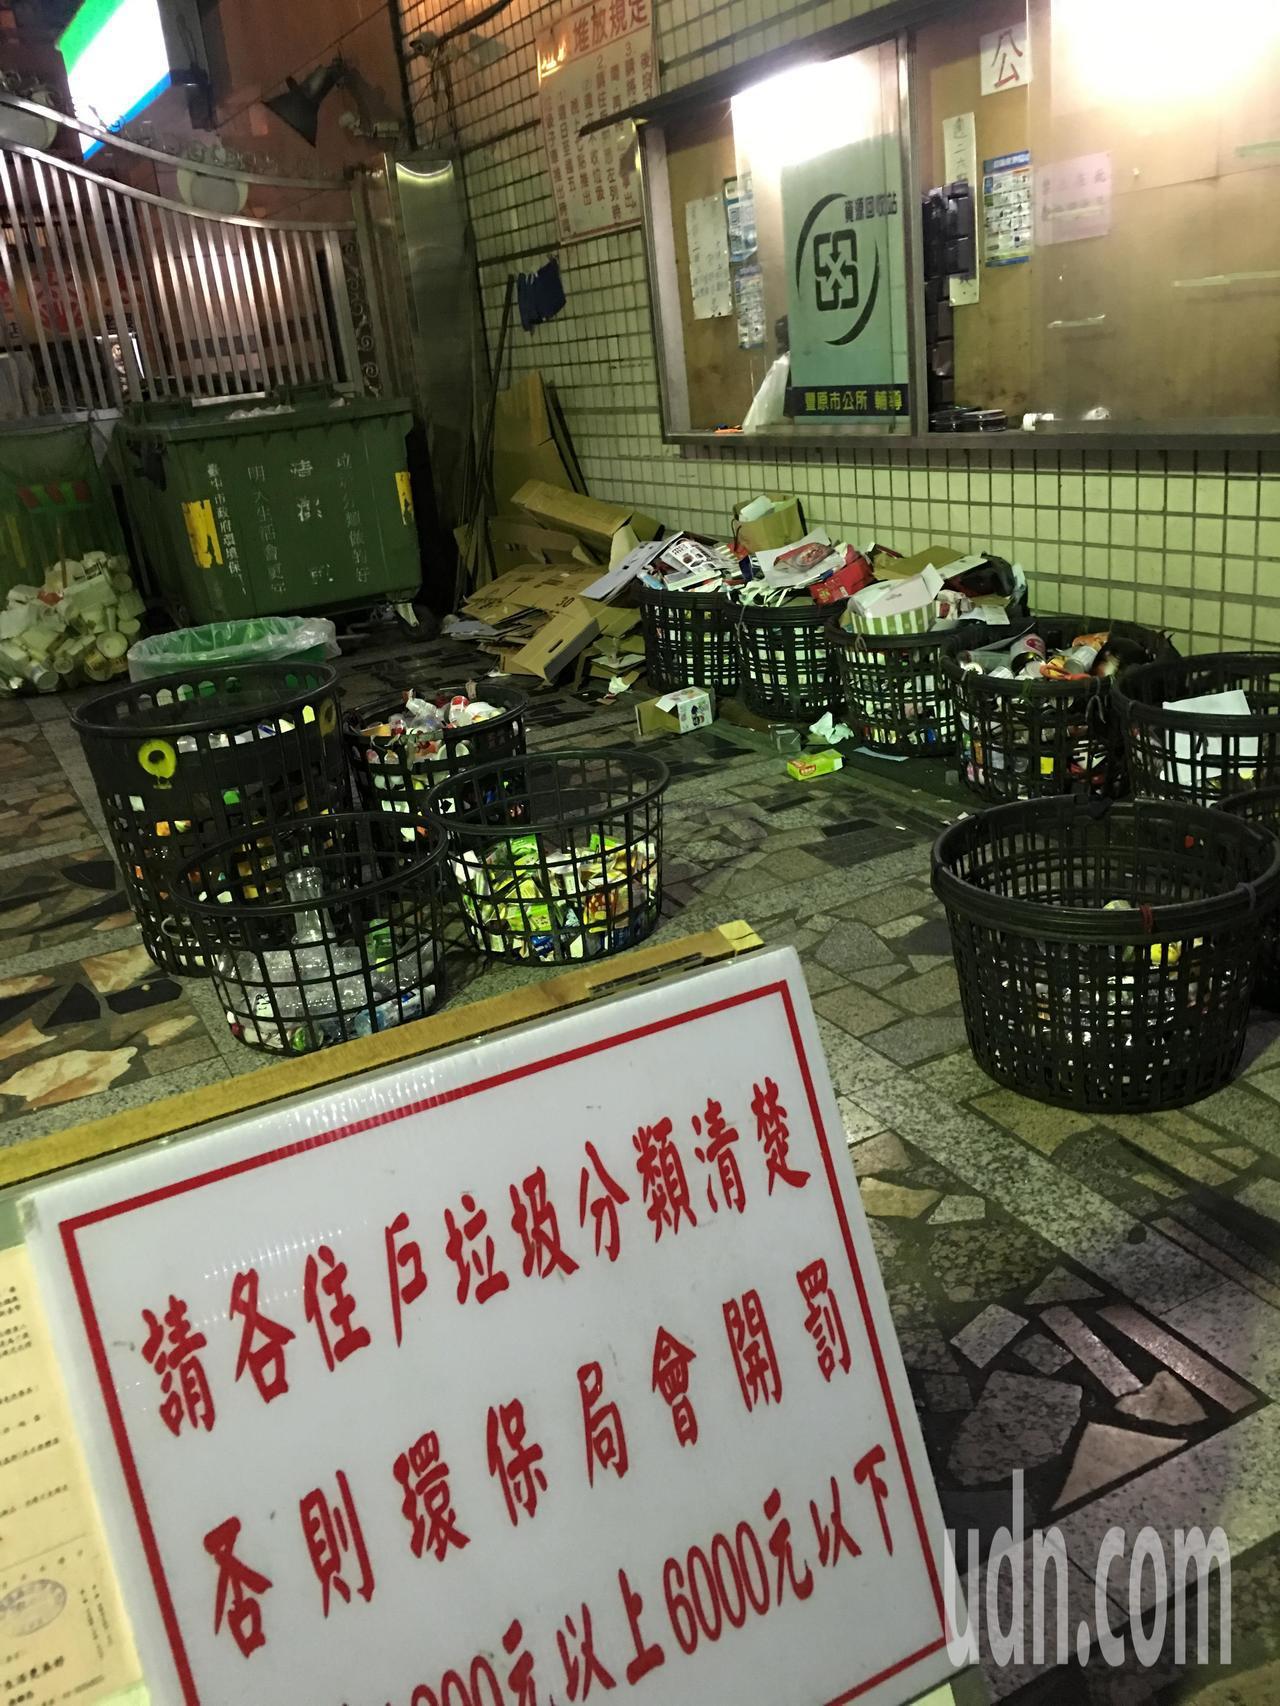 垃圾和廚餘分類越分越細,不少民眾打趣倒垃圾像考試。記者陳秋雲/攝影